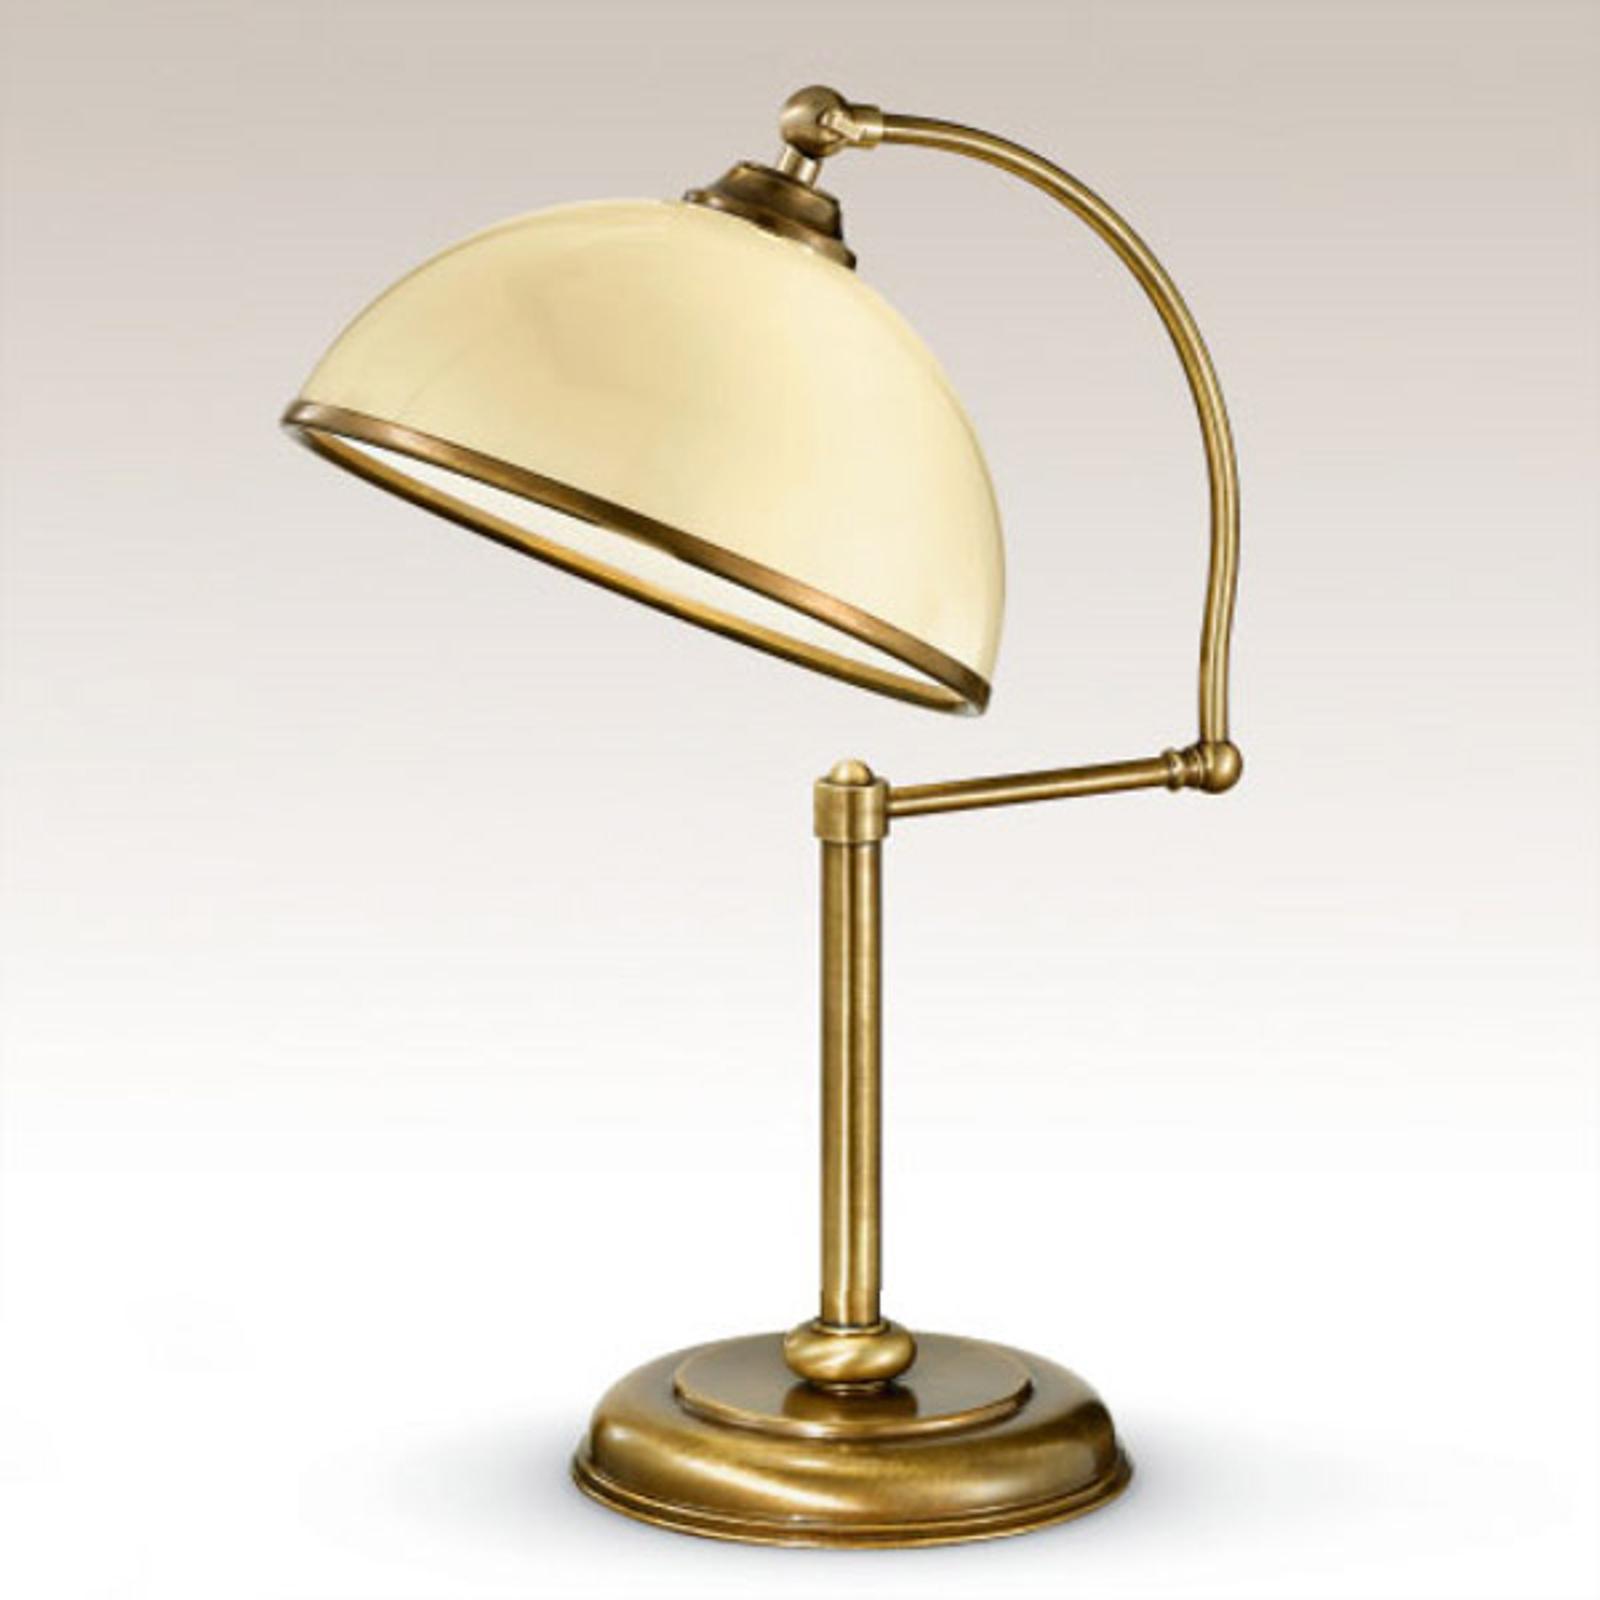 Regulowana lampa stołowa La Botte kość słoniowa